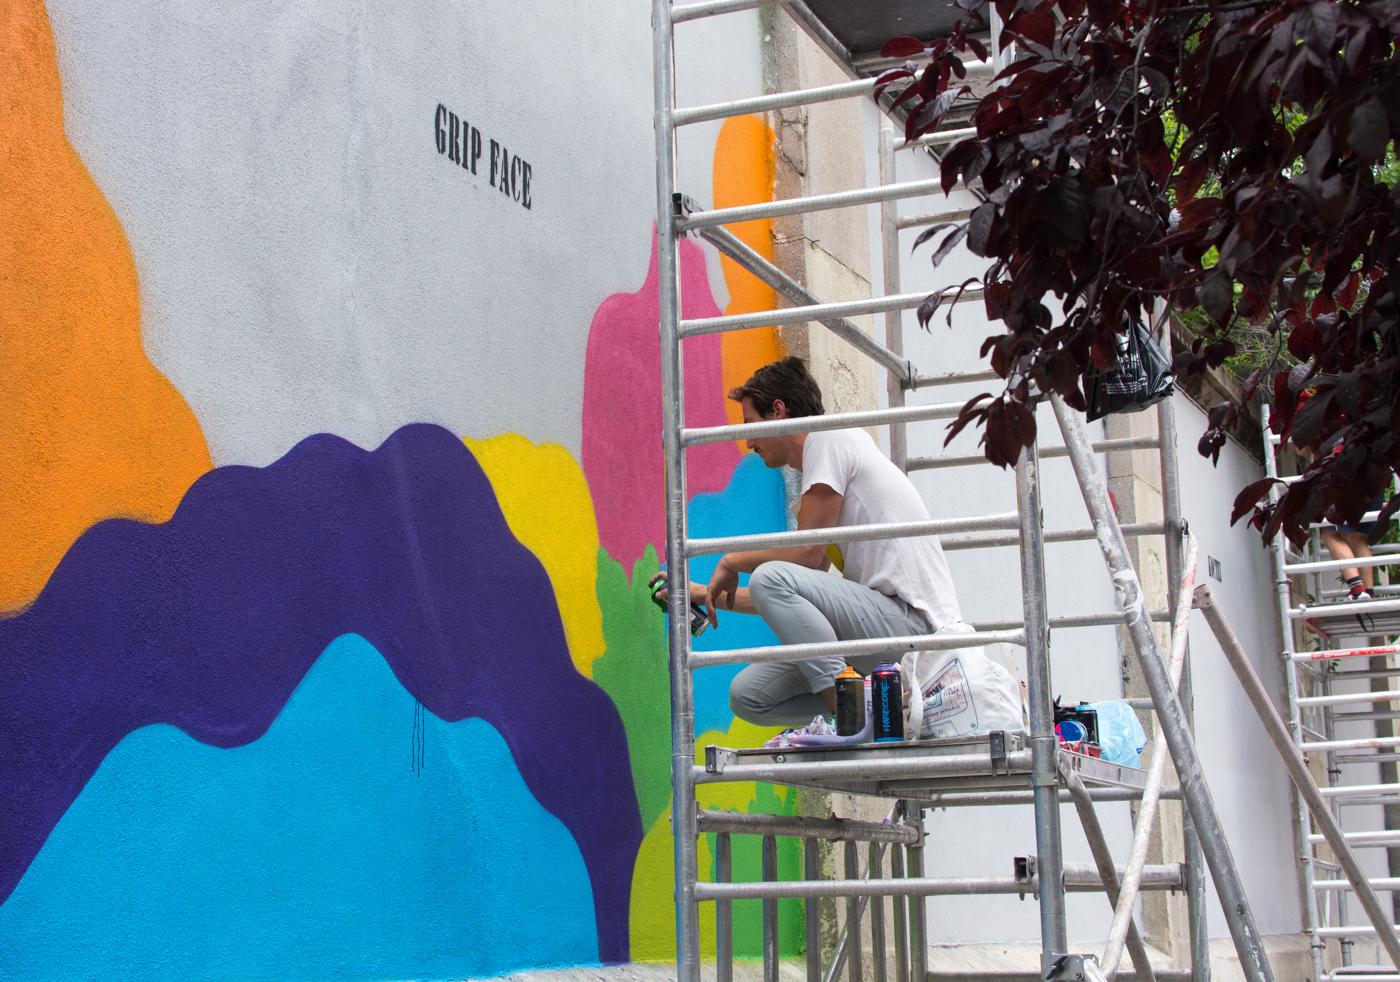 Grip Face - MurosTabacalera by Guillermo de la Madrid - Madrid Street Art Project-001.jpg